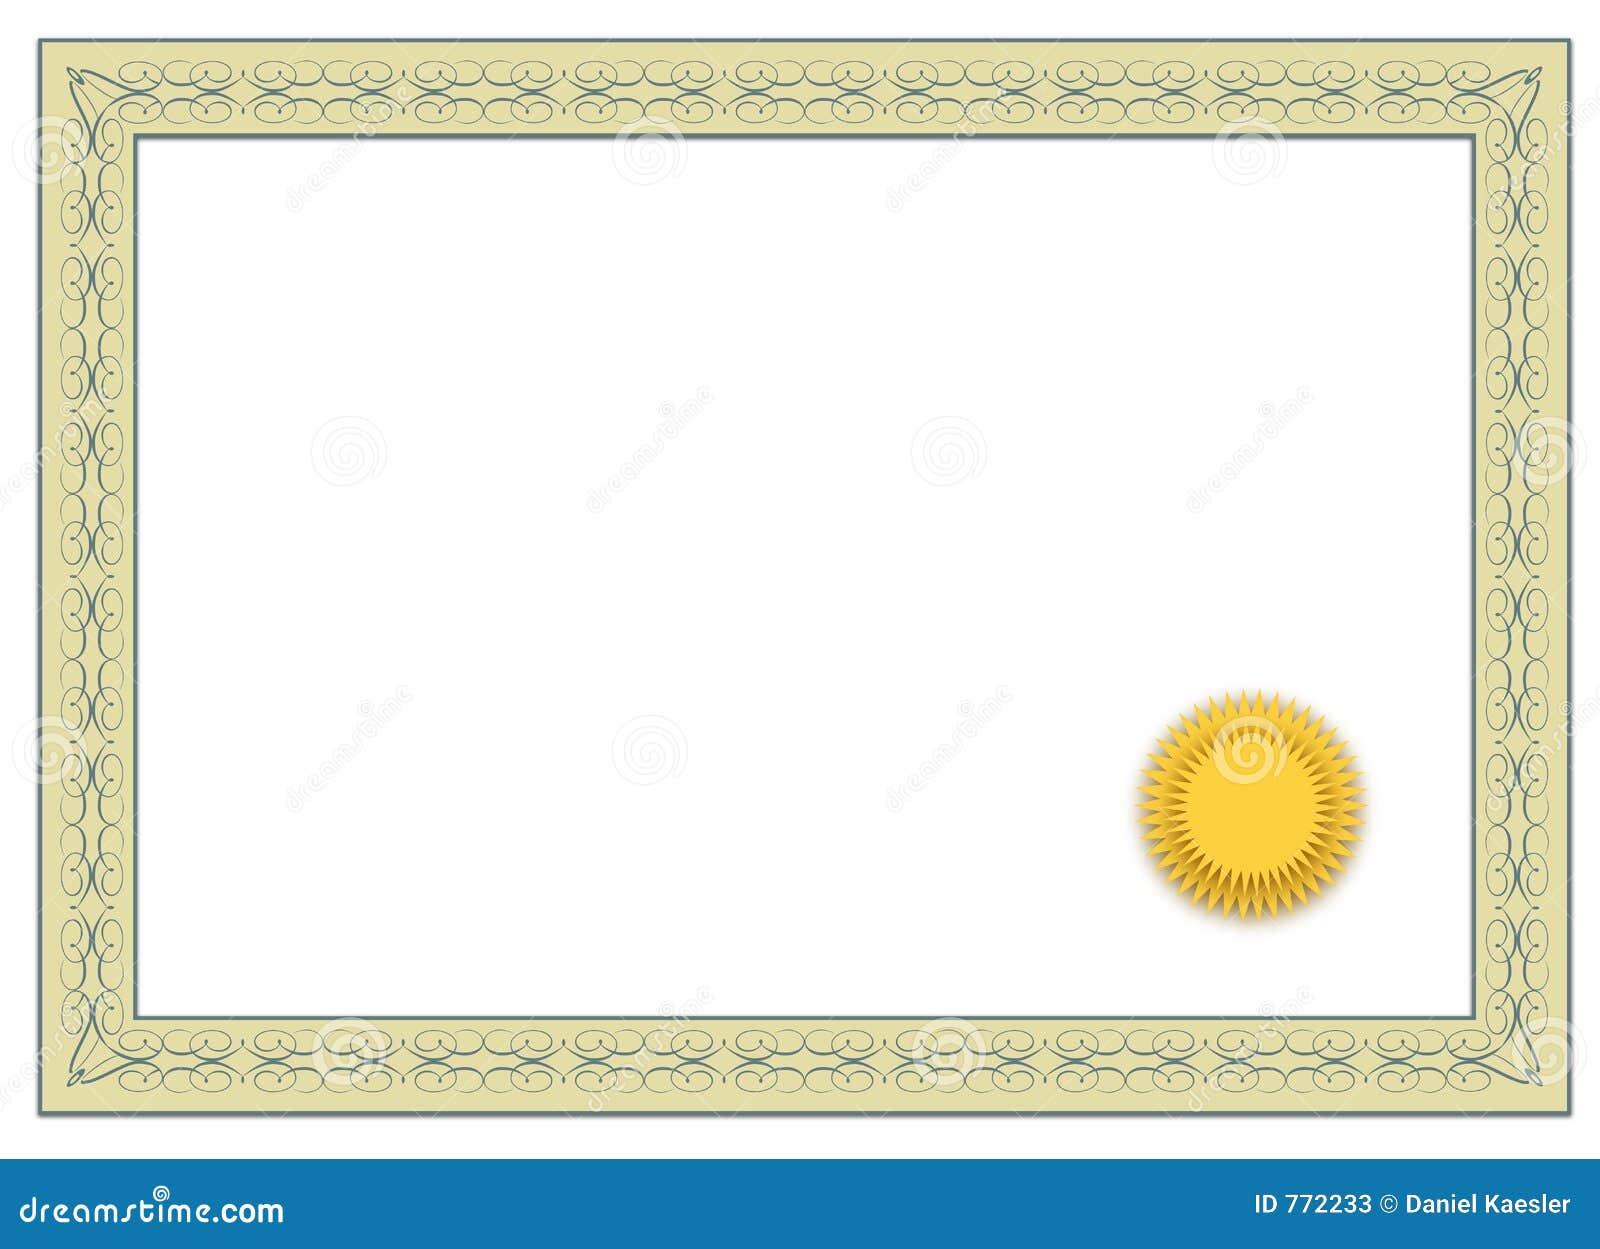 Шаблон сертификата пустой скачать бесплатно